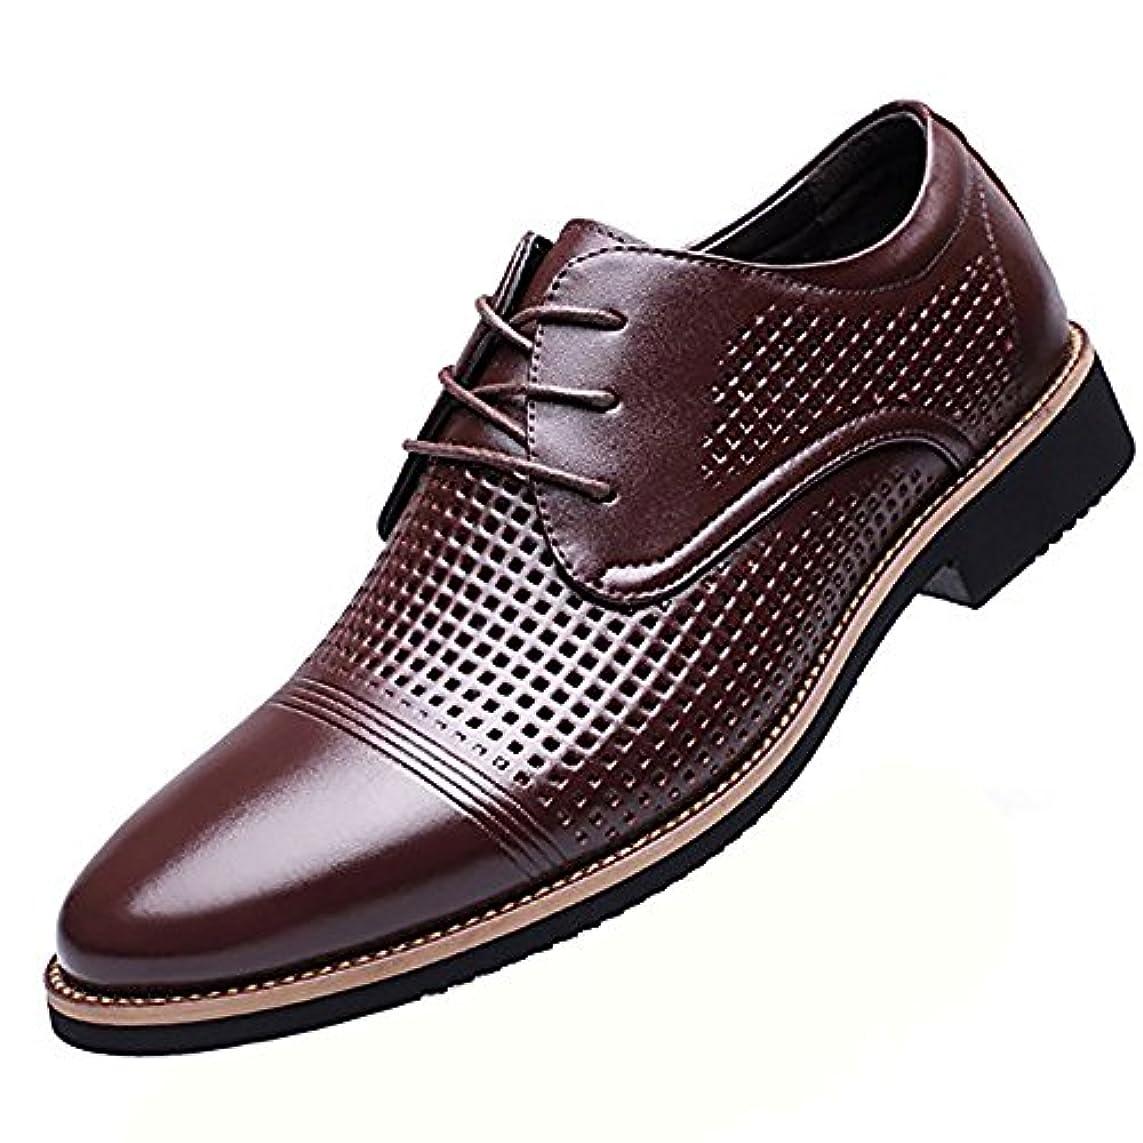 富計画的どちらかFEIDA 革靴 メンズ 靴 ビジネスシューズ メンズシューズ メッ 通気性のある ブラウン ブラック